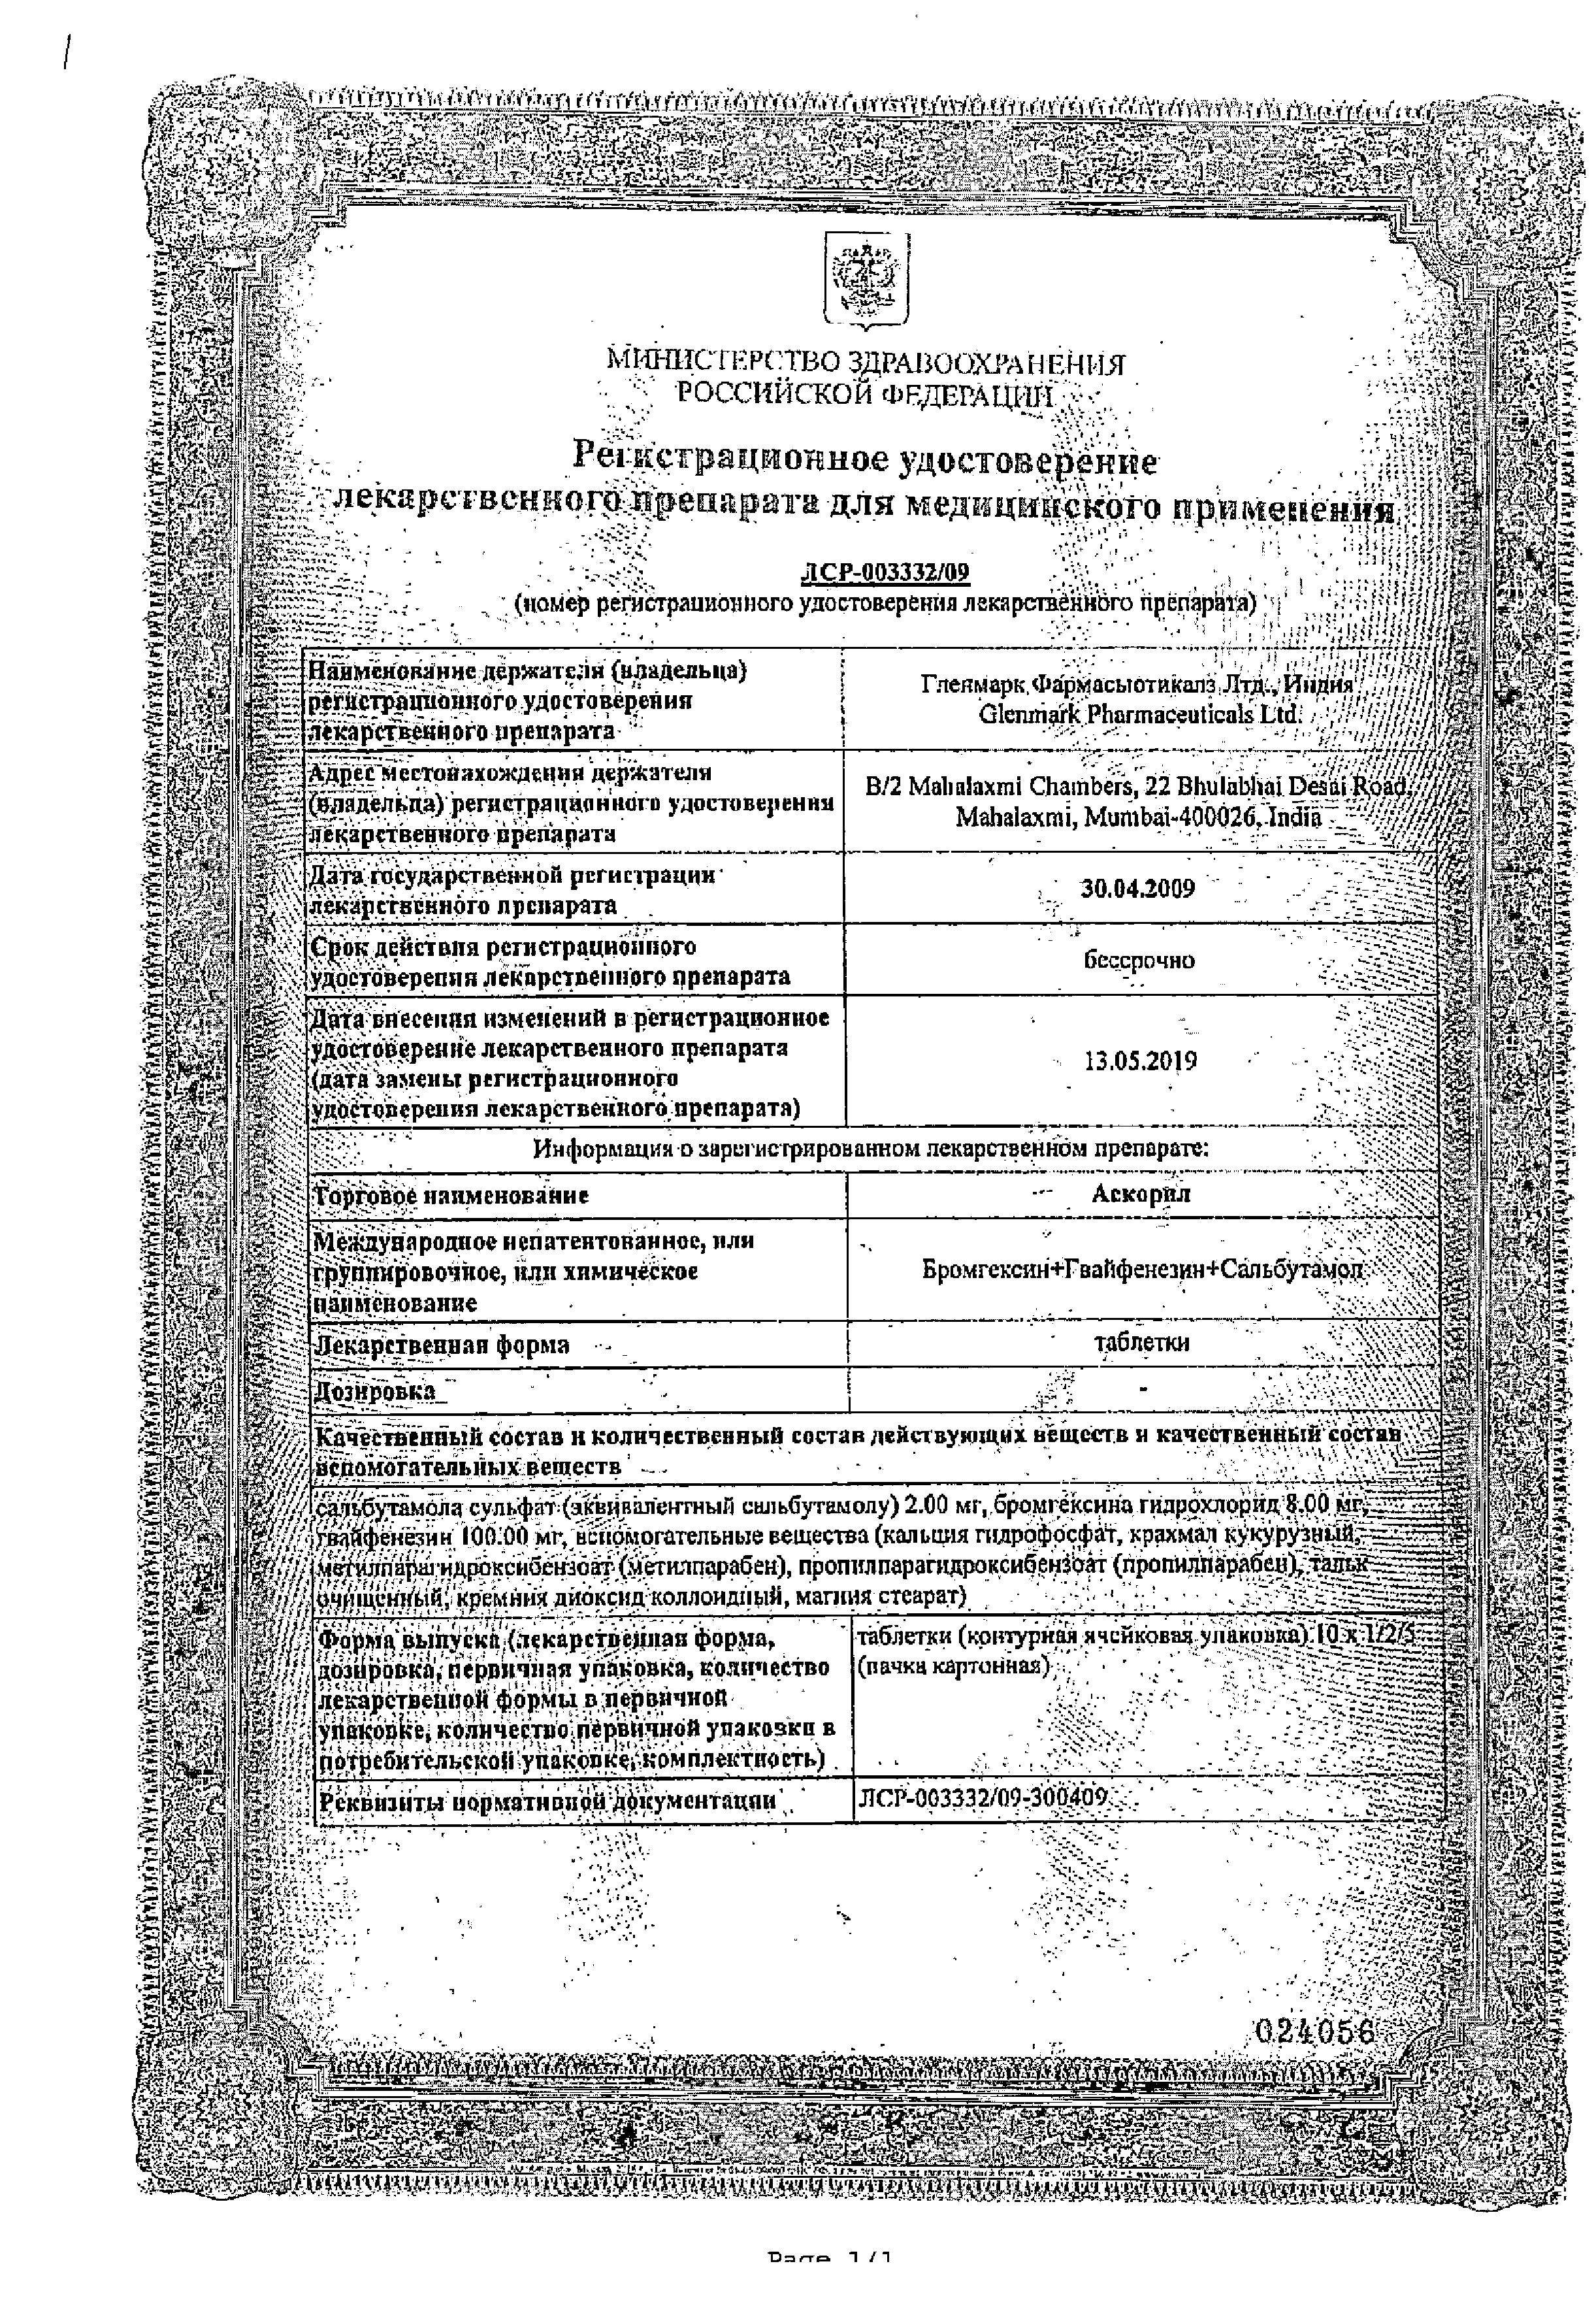 Аскорил сертификат